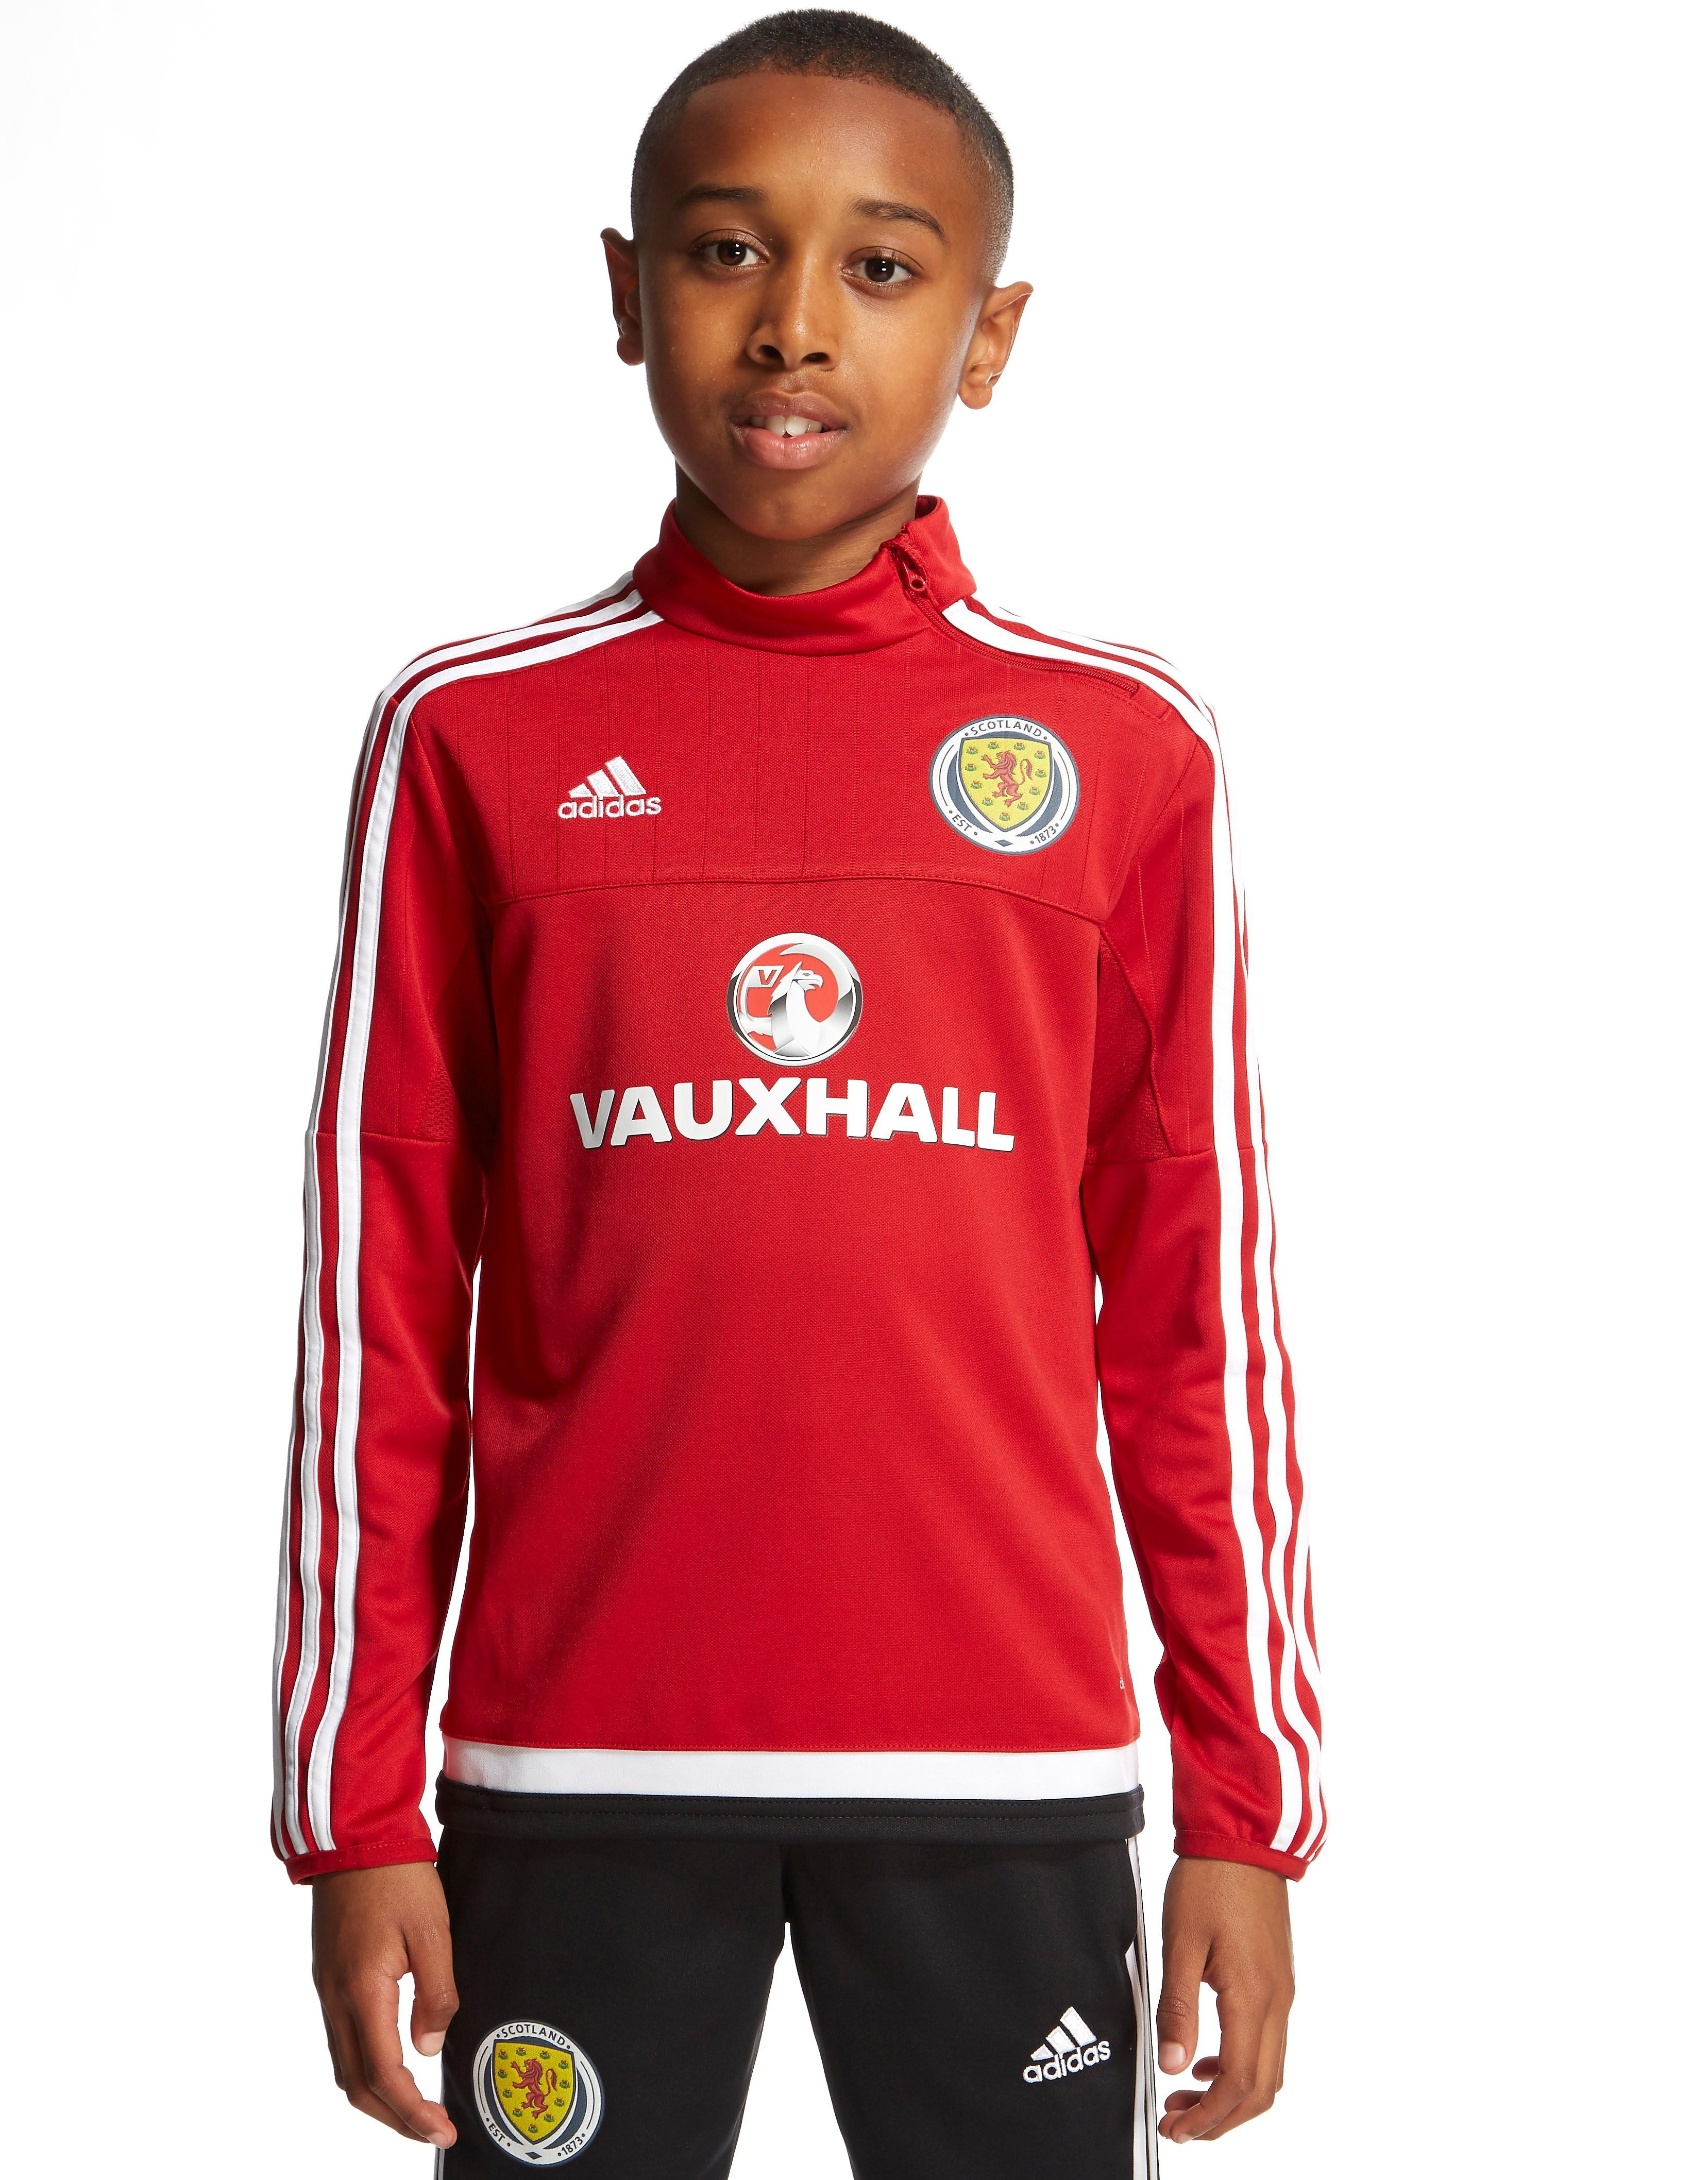 adidas Schotland 2015/16-voetbalshirt voor tieners